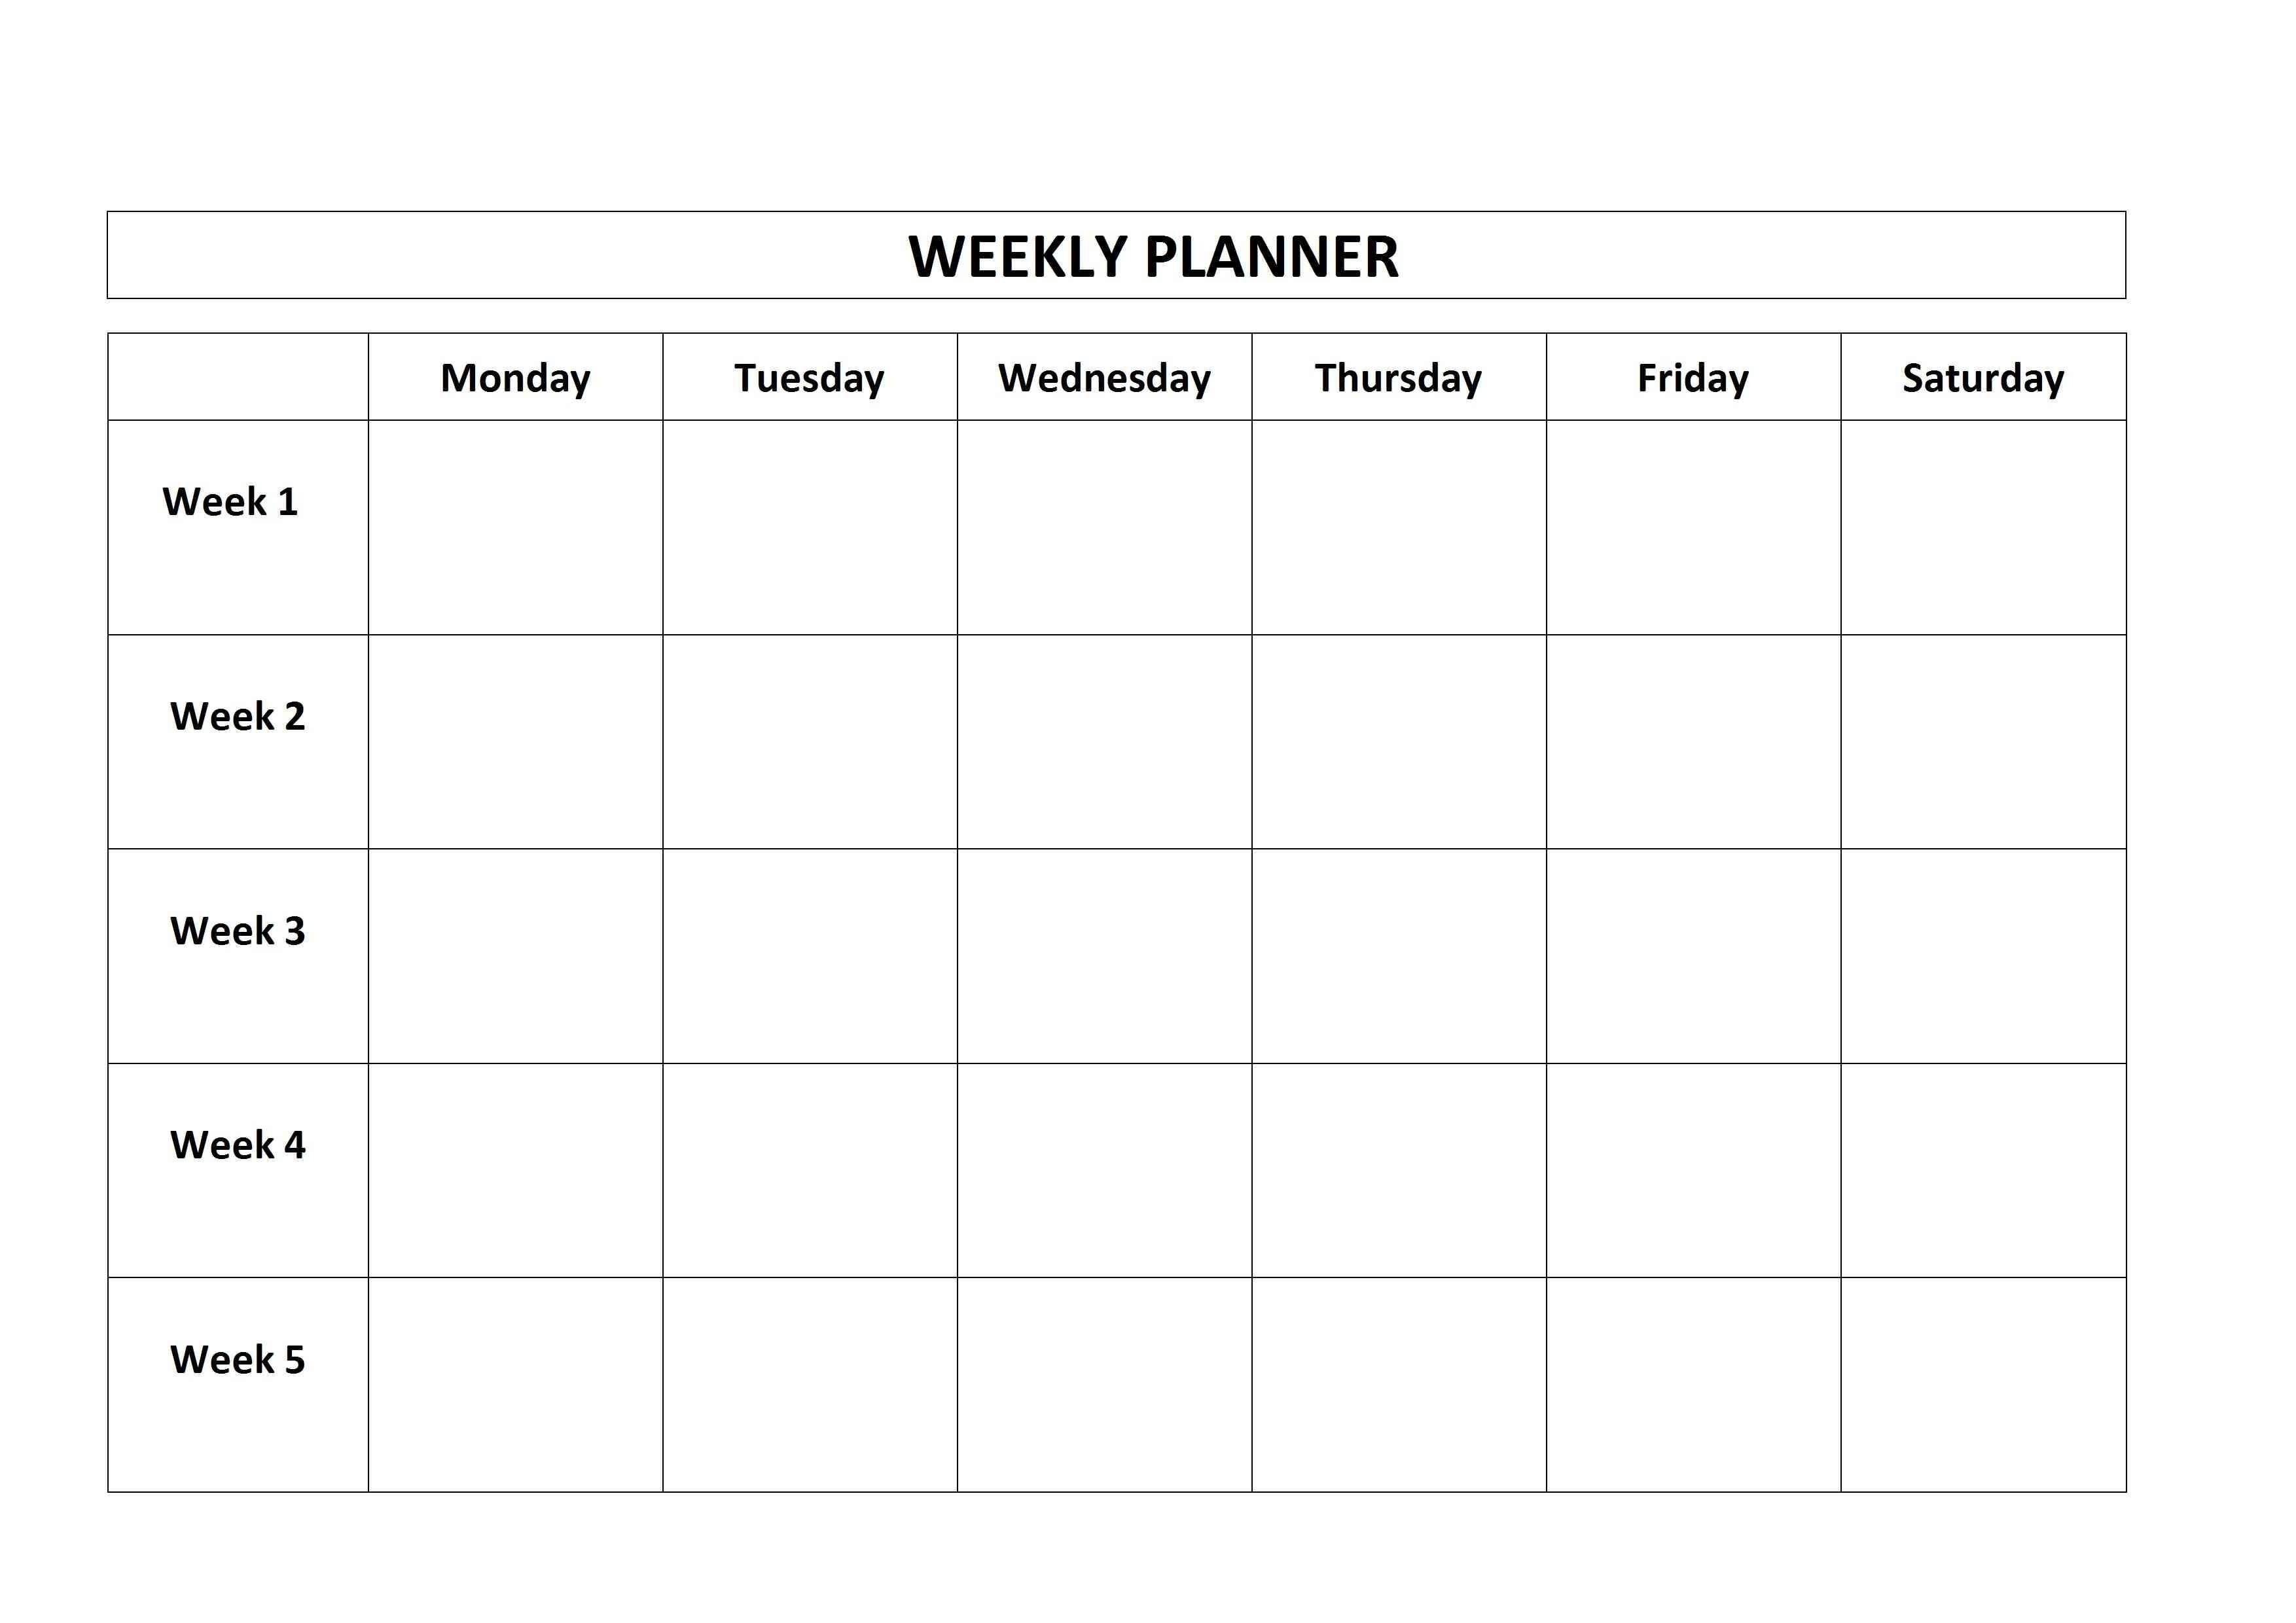 016 Week Blank Schedule Template Weekly Calendar Pdf Social inside 1 Week Blank Calendar Template